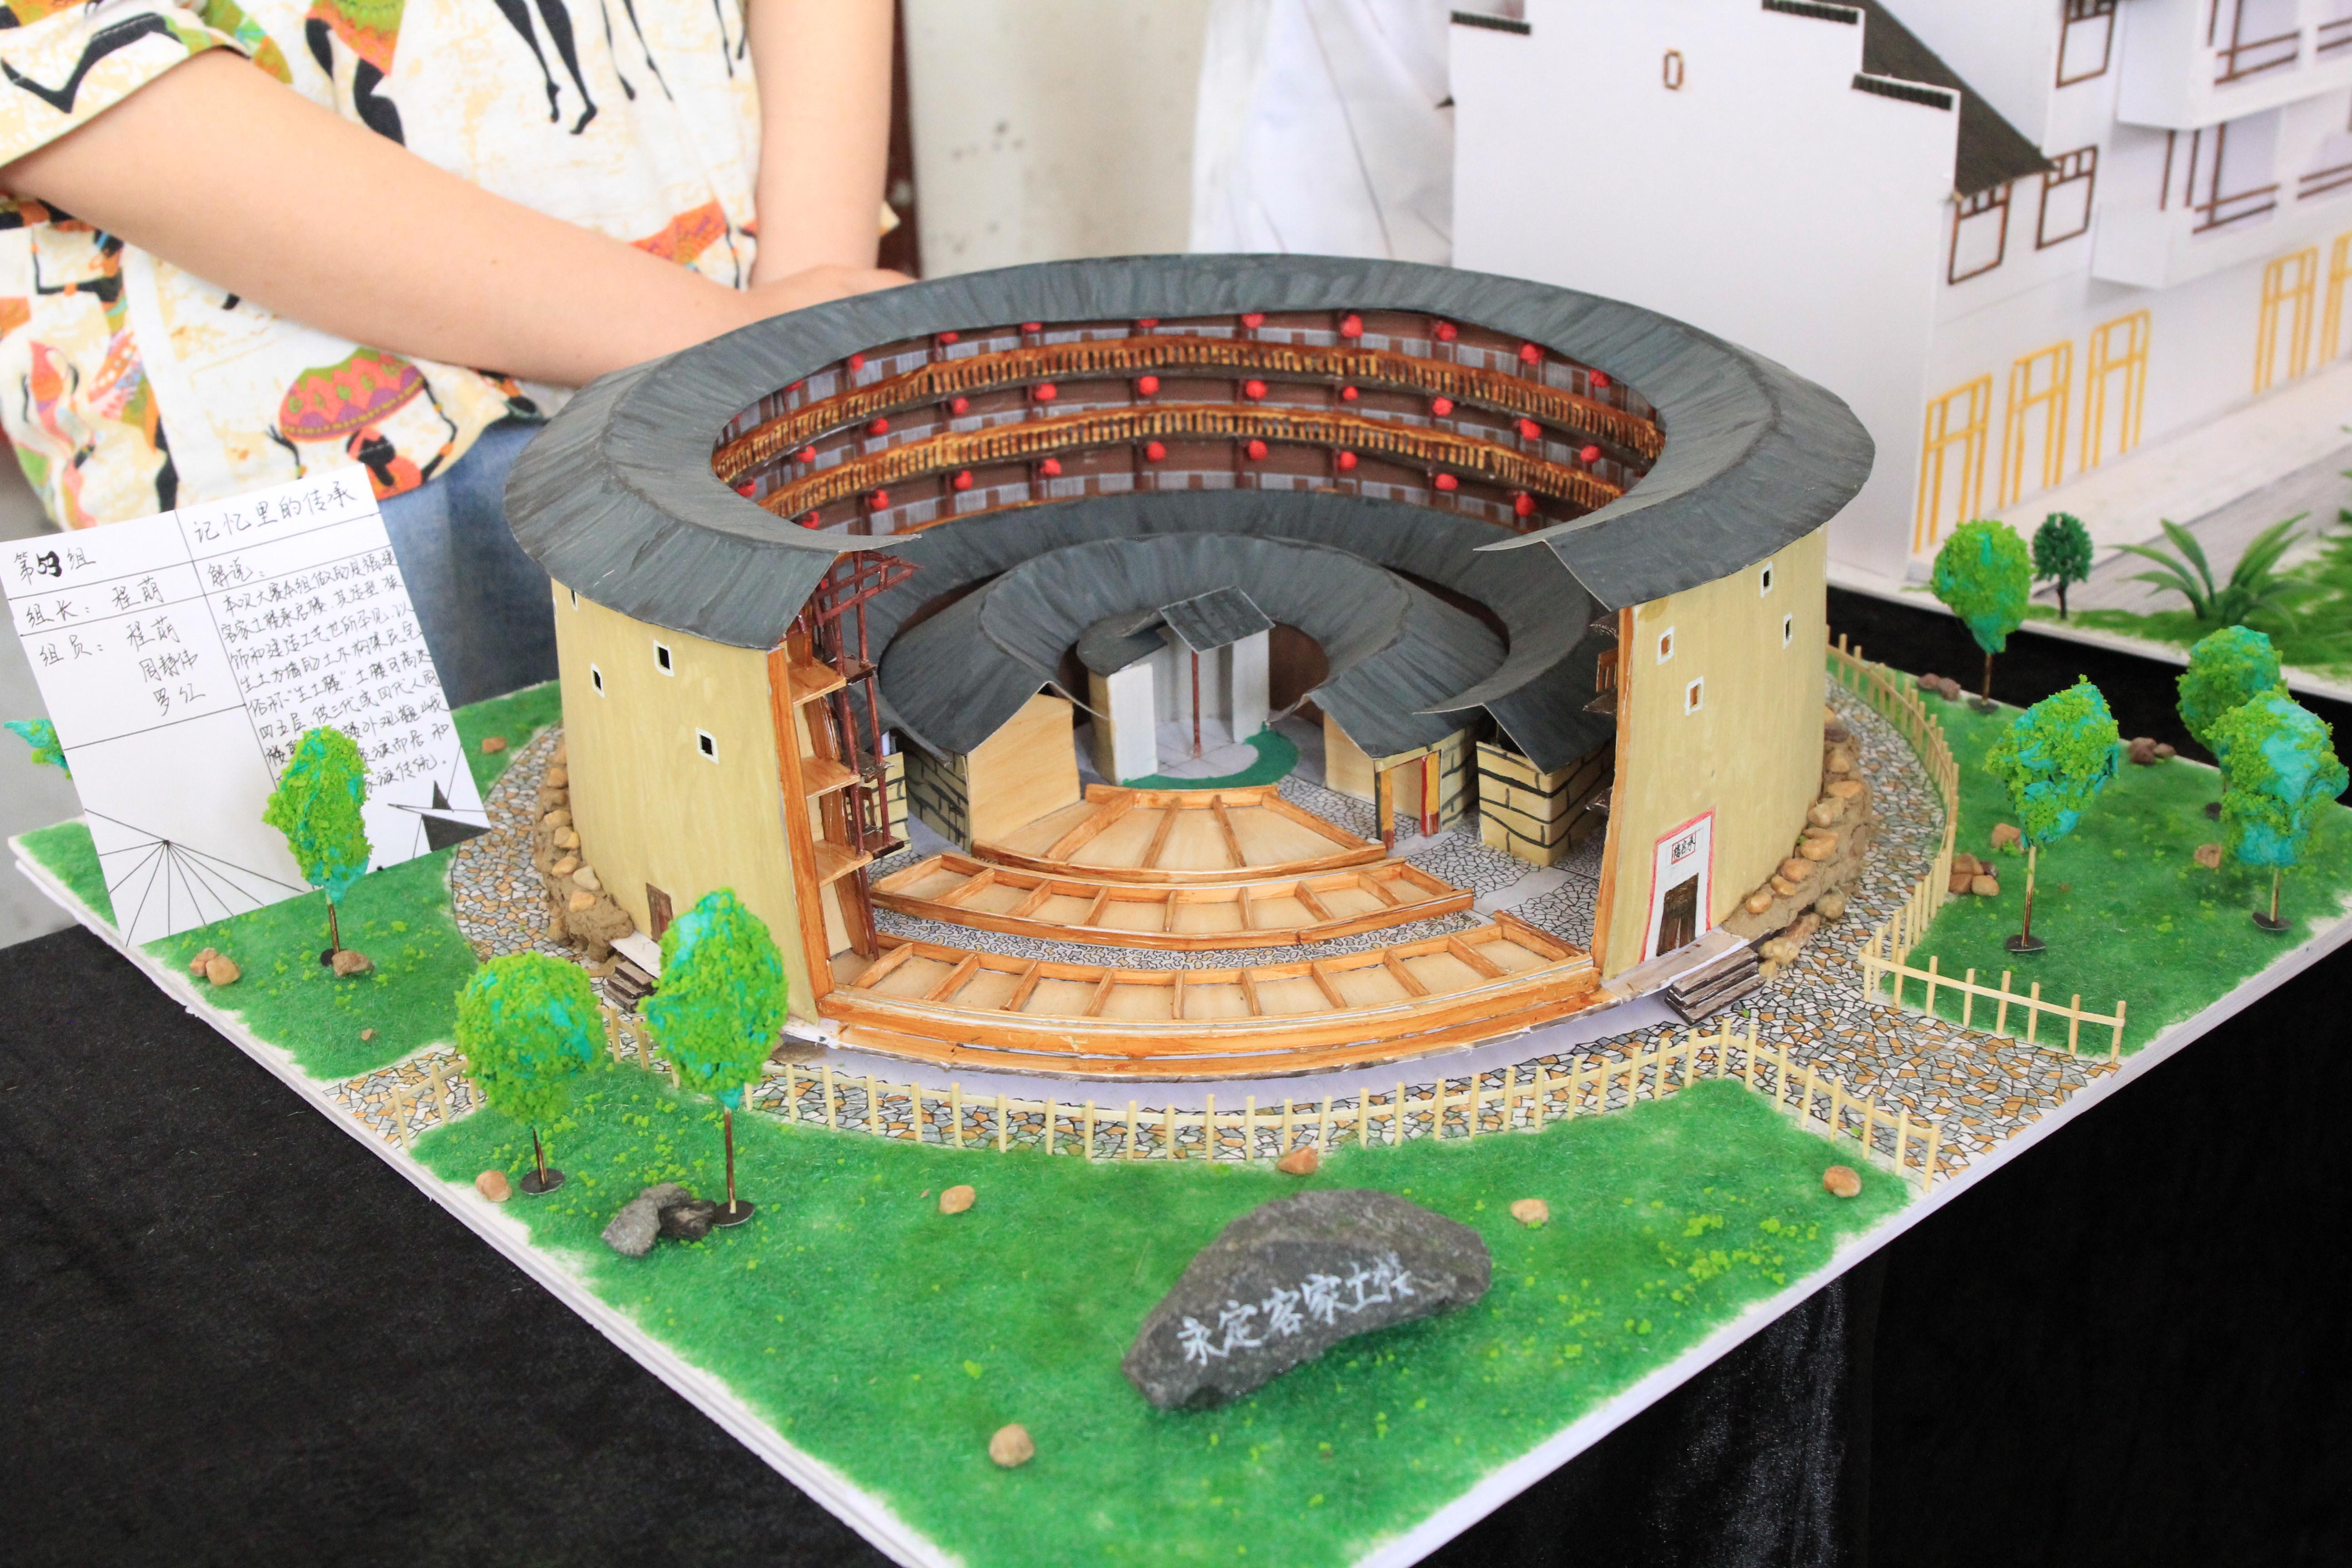 土木建筑工程学院第四届建筑模型设计大赛顺利结束